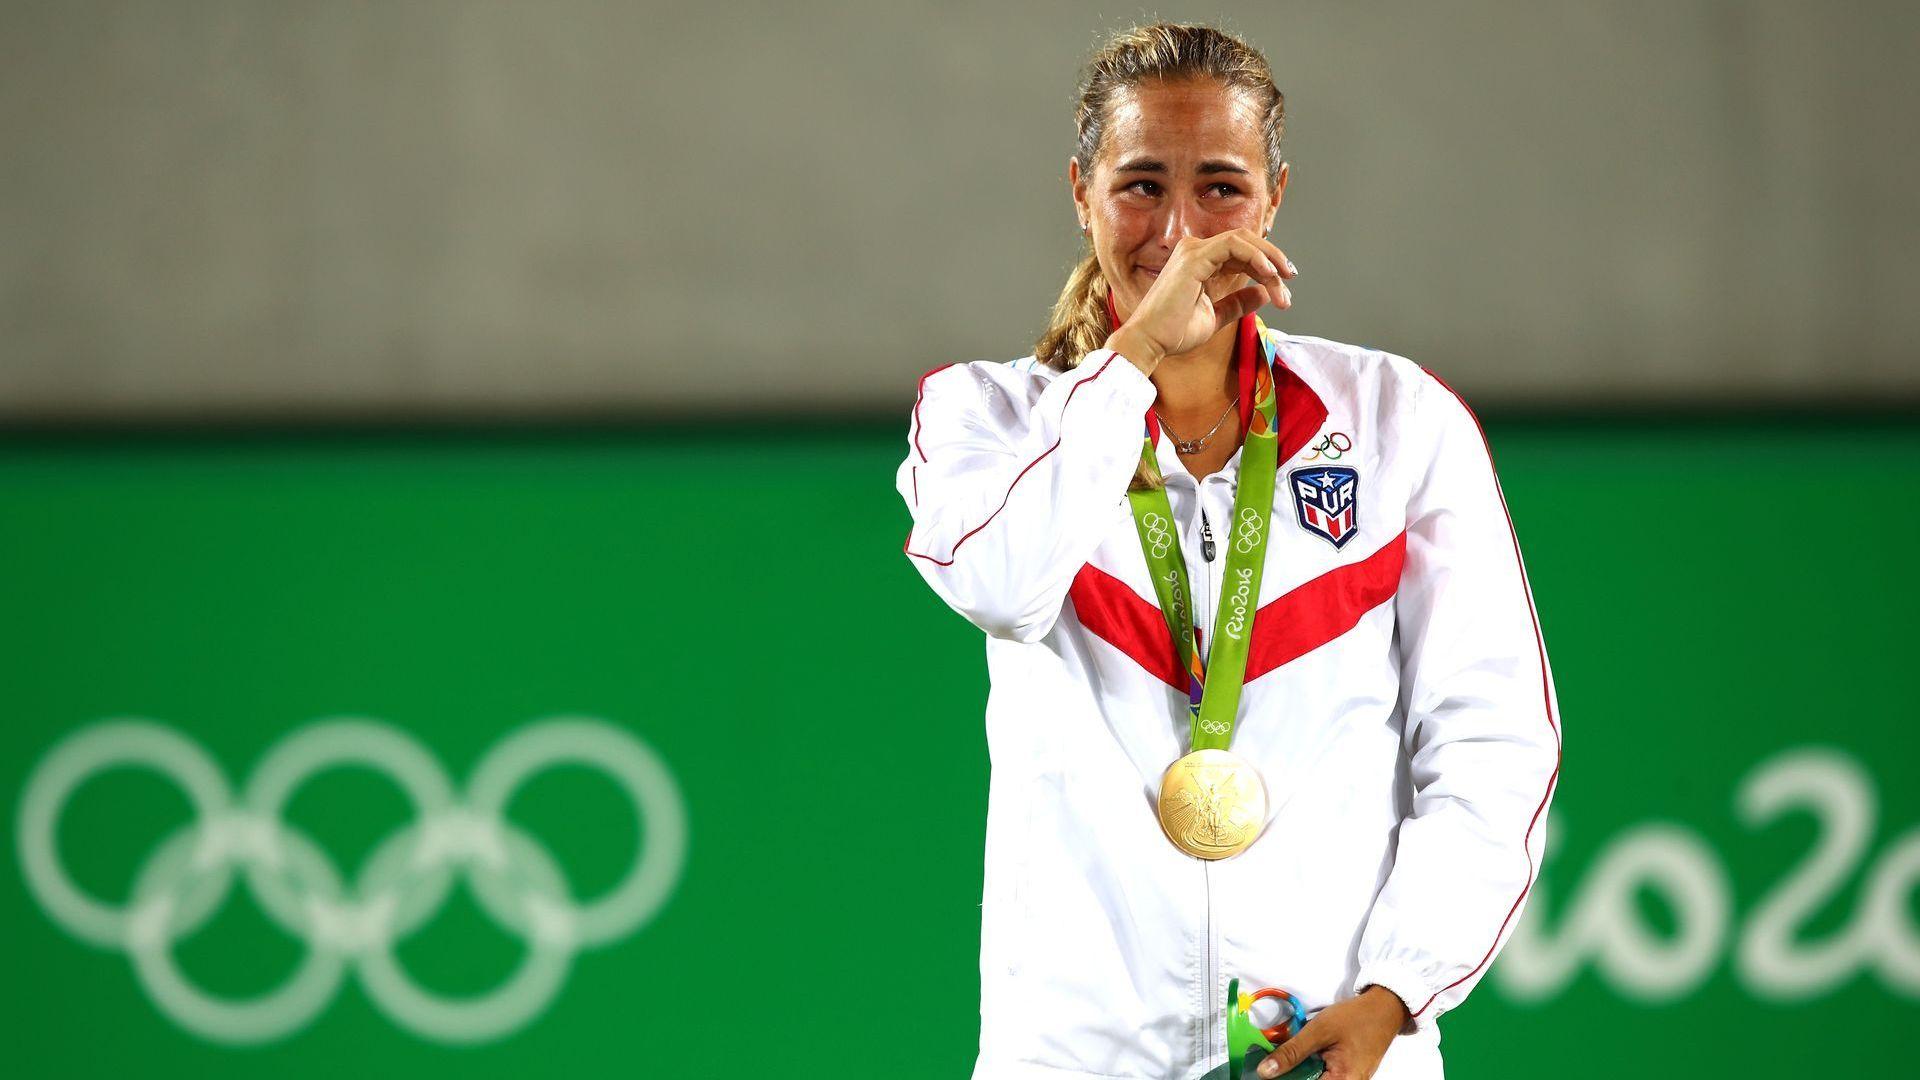 Три години в мрак: Изповедта на най-изненадващата олимпийска шампионка